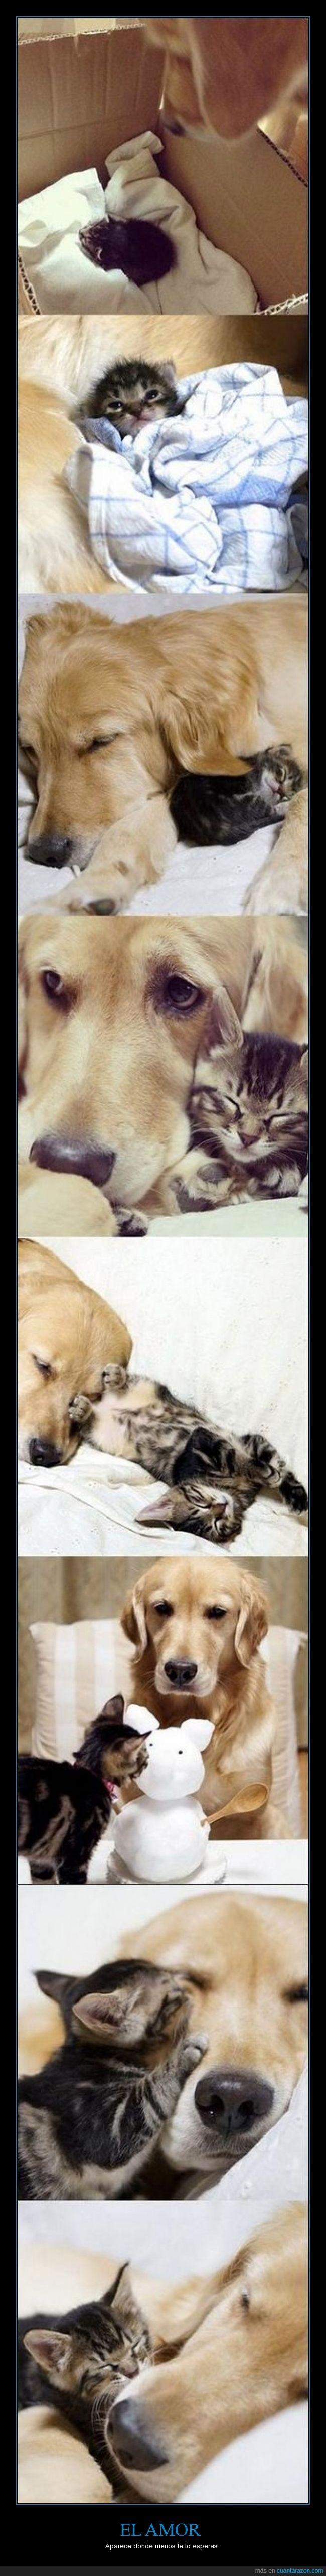 adoptar,amor,cachorro,gatito,gato,golden retriever,hijo,madre,perro